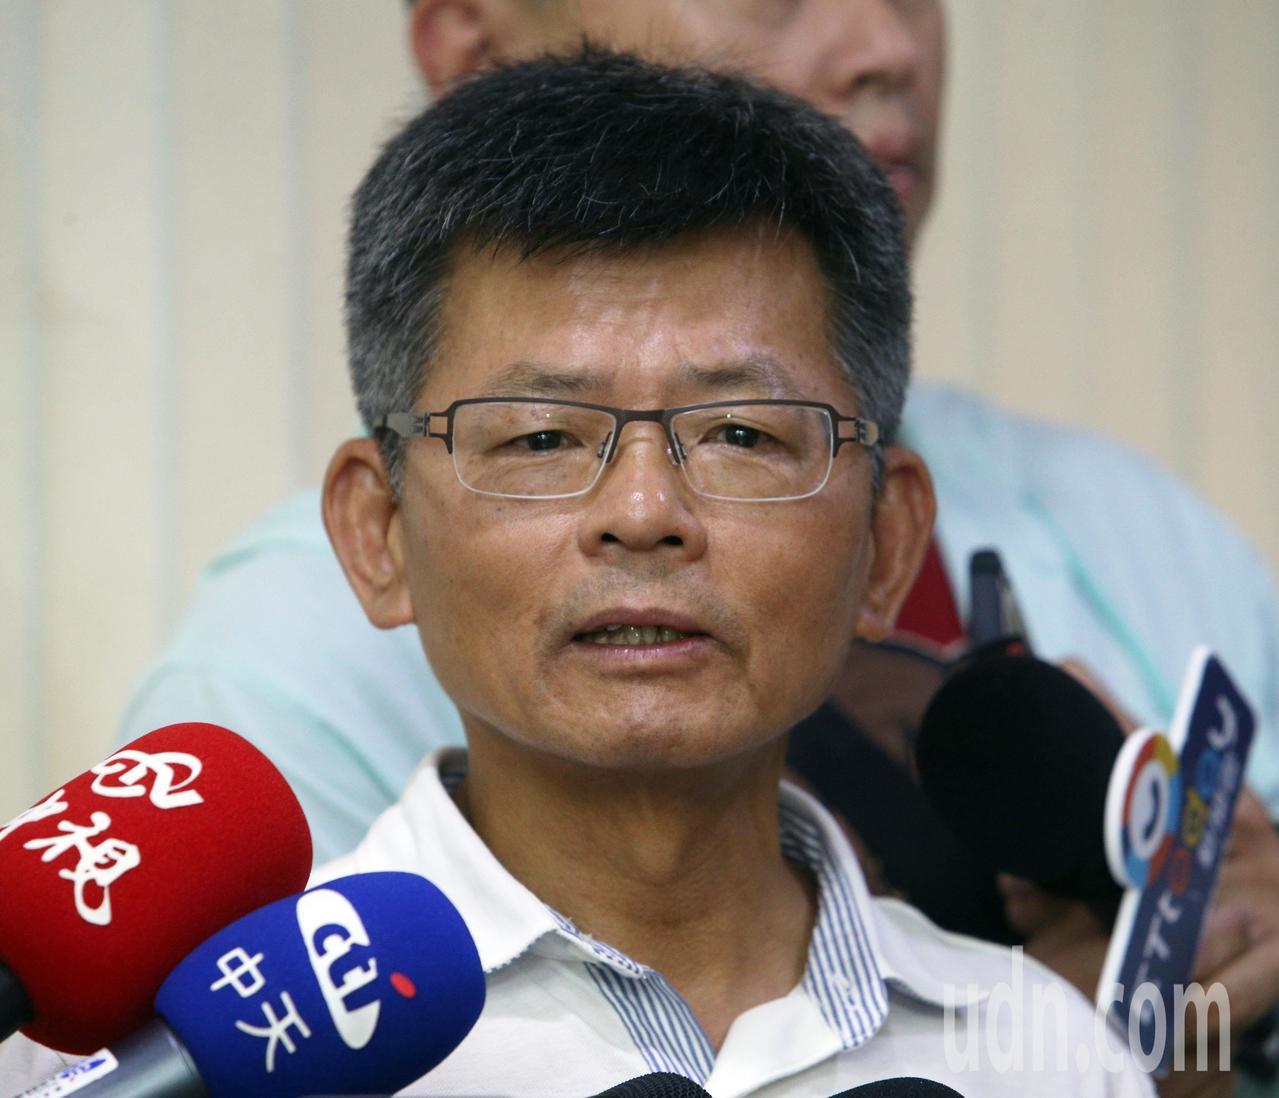 國民黨宣布開除楊秋興黨籍,楊秋興召開記者會宣布將主動退黨。記者劉學聖/攝影